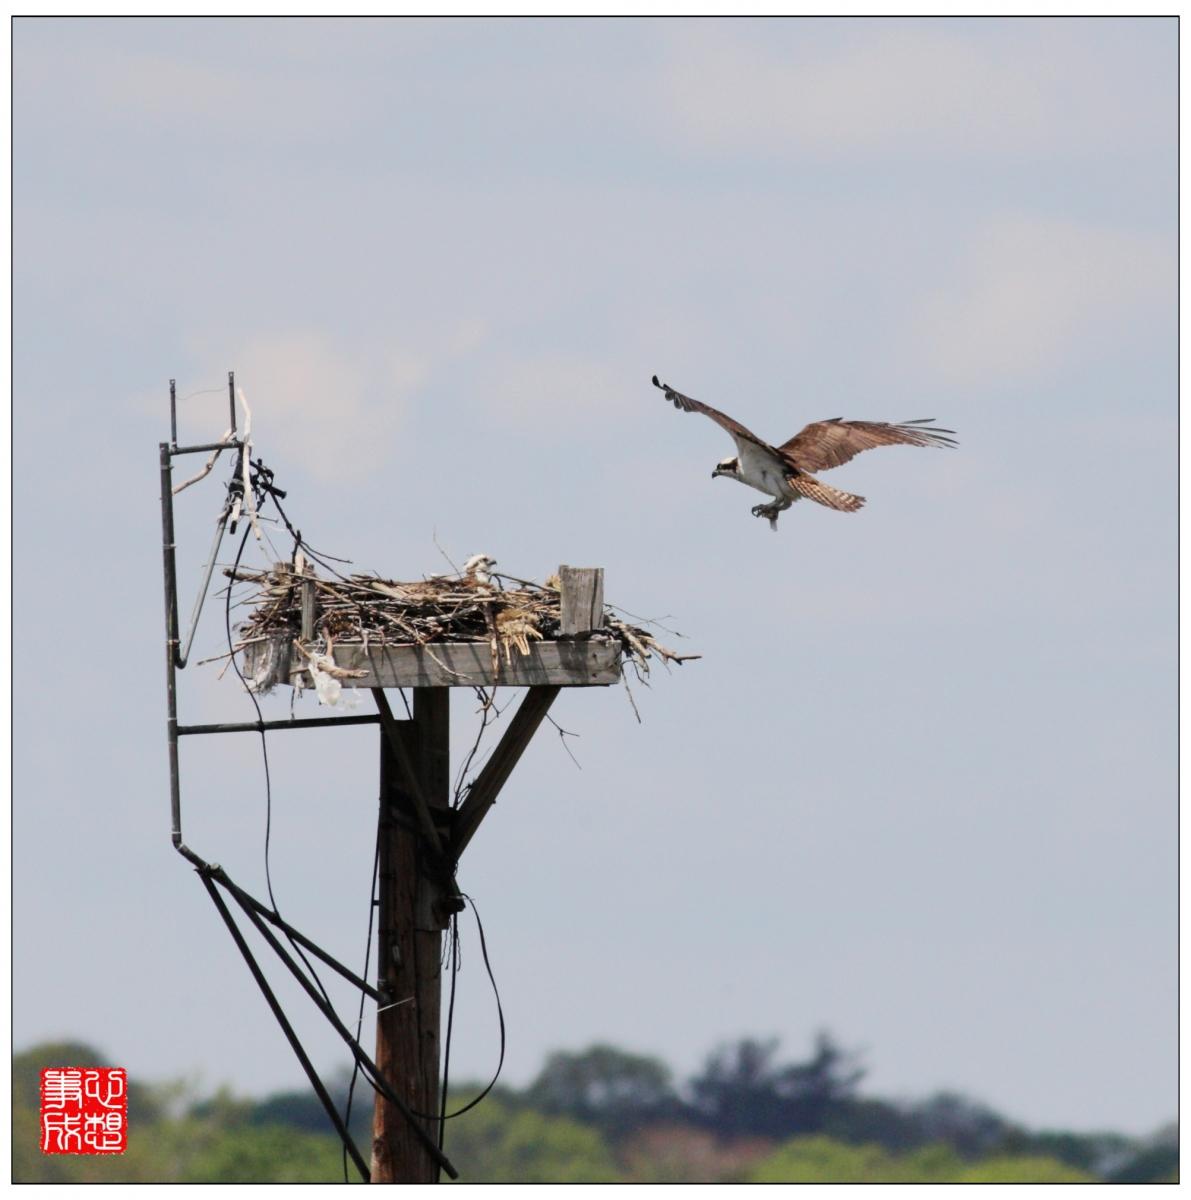 【心想事成】Milford 鸟类保护区_图1-6